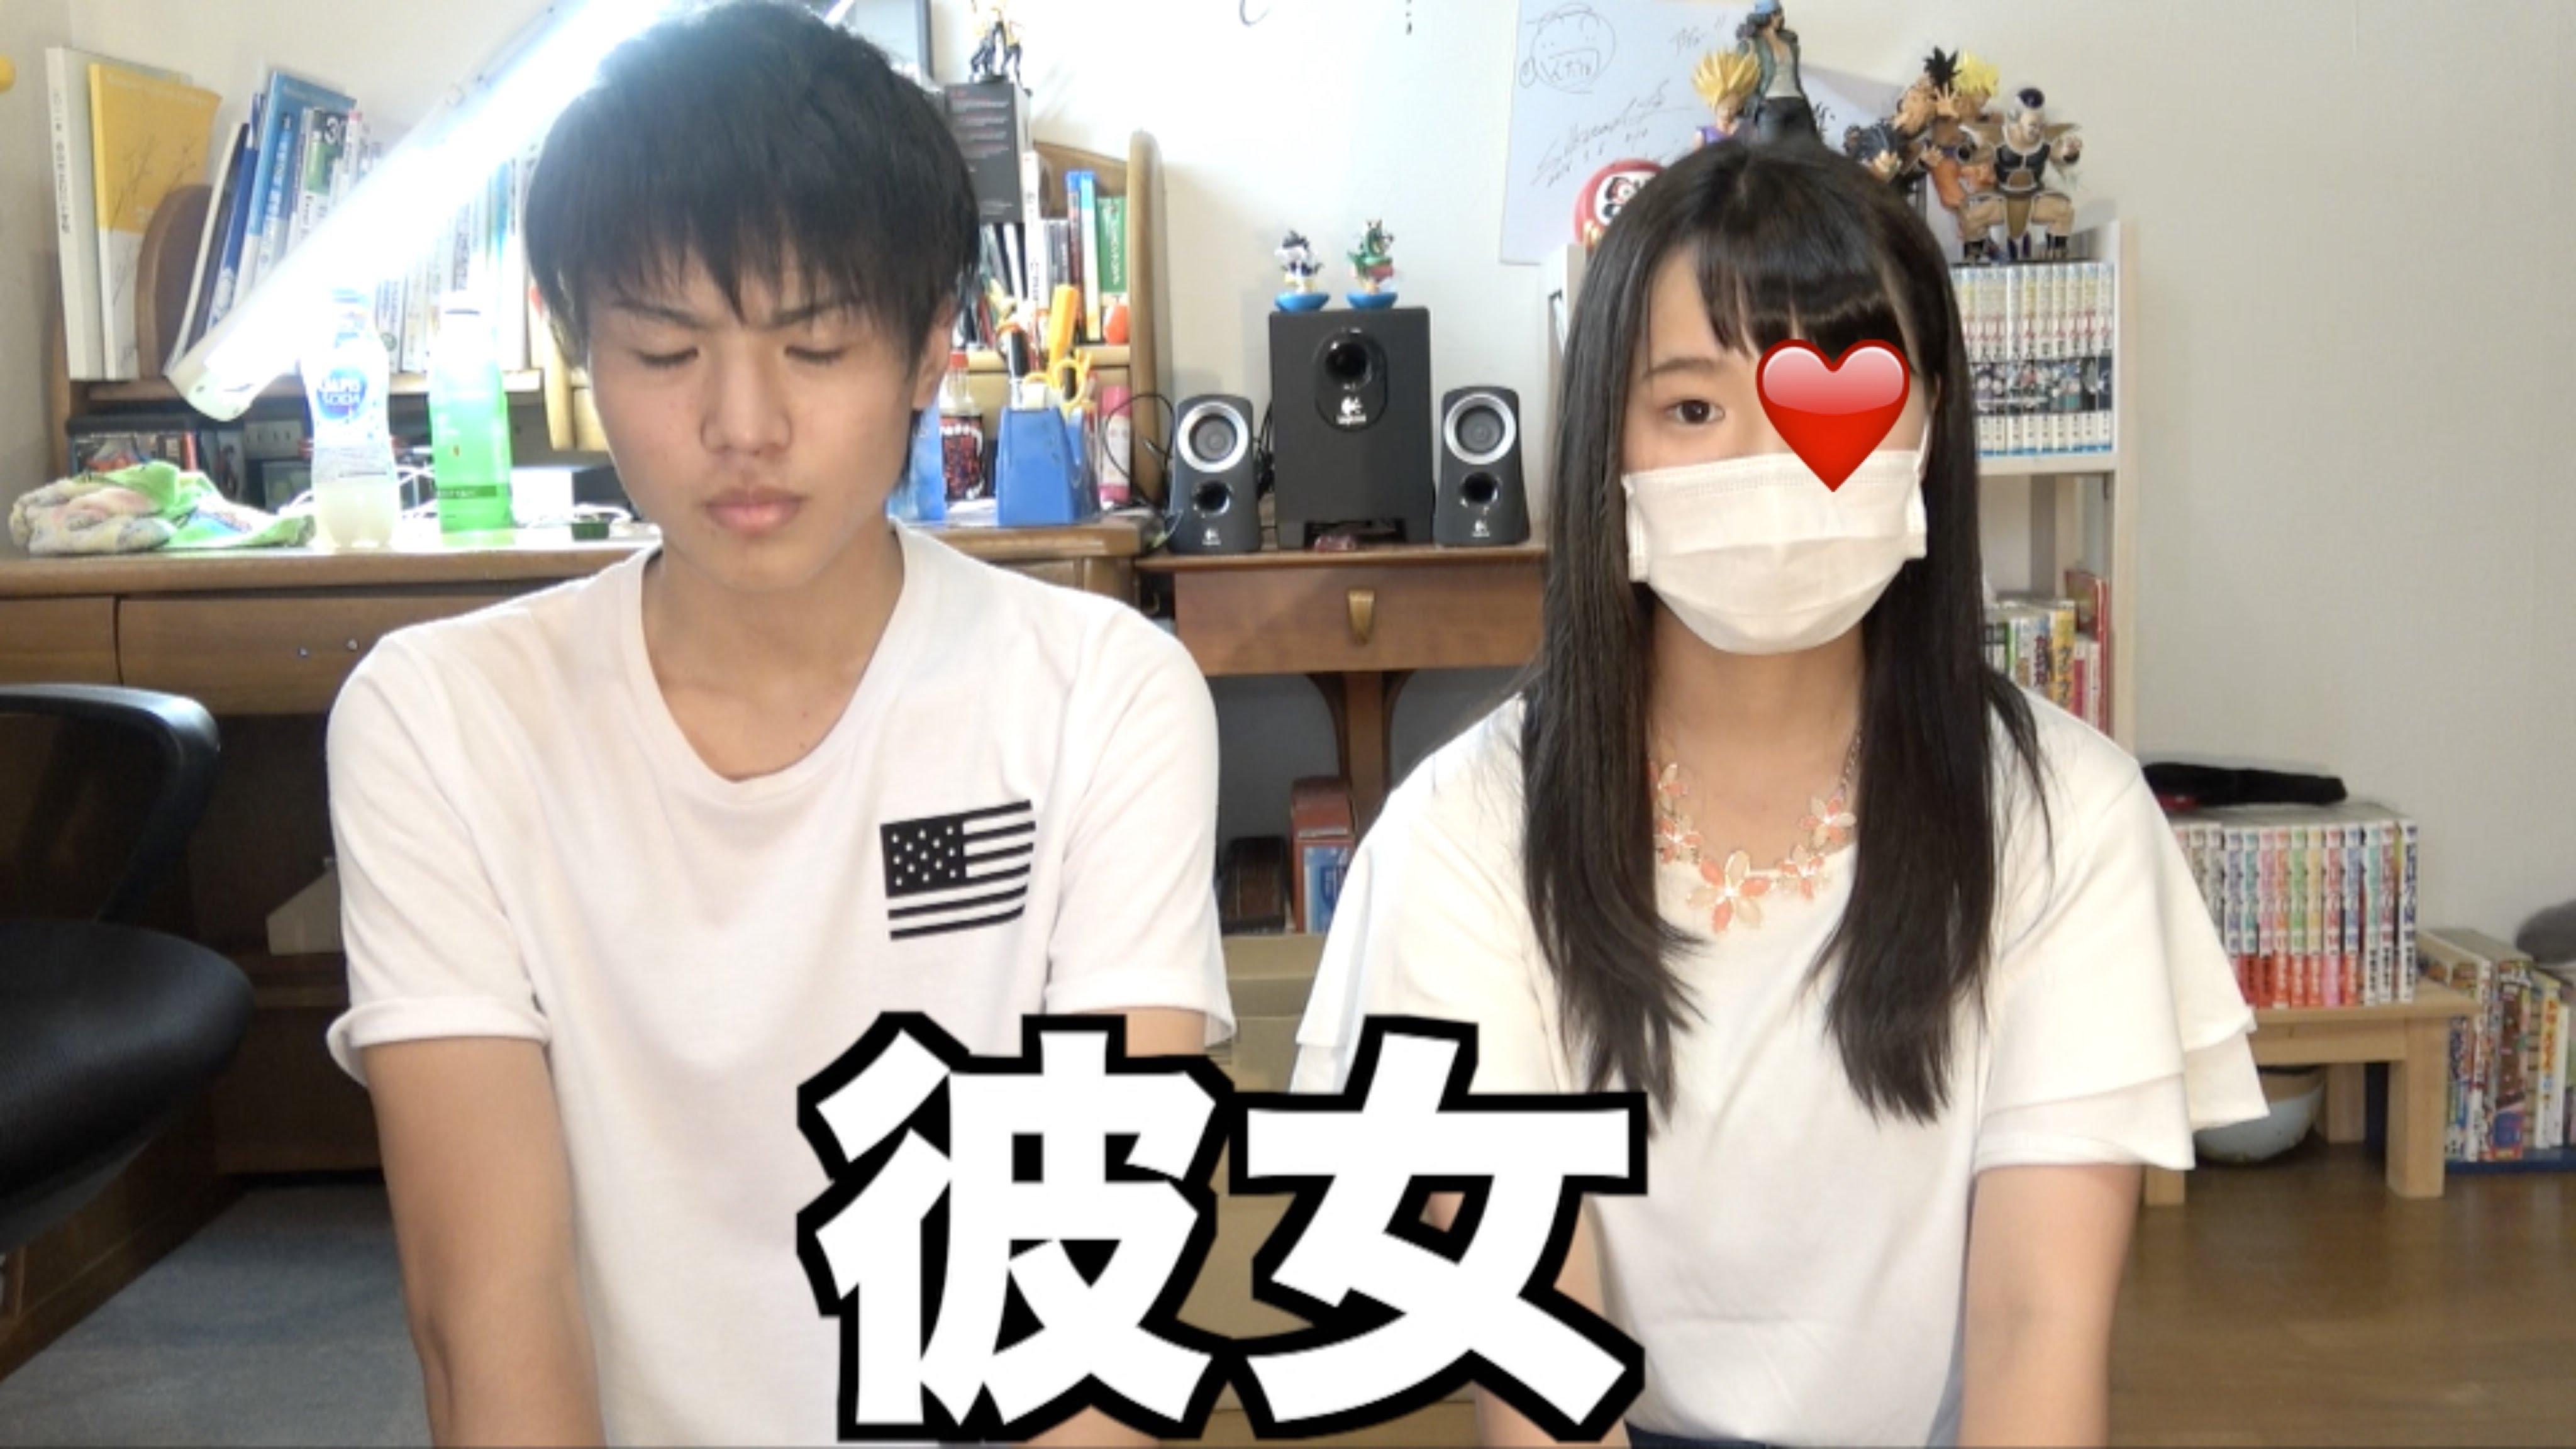 桐崎栄二の彼女が動画に出演!名前や高校も判明!07